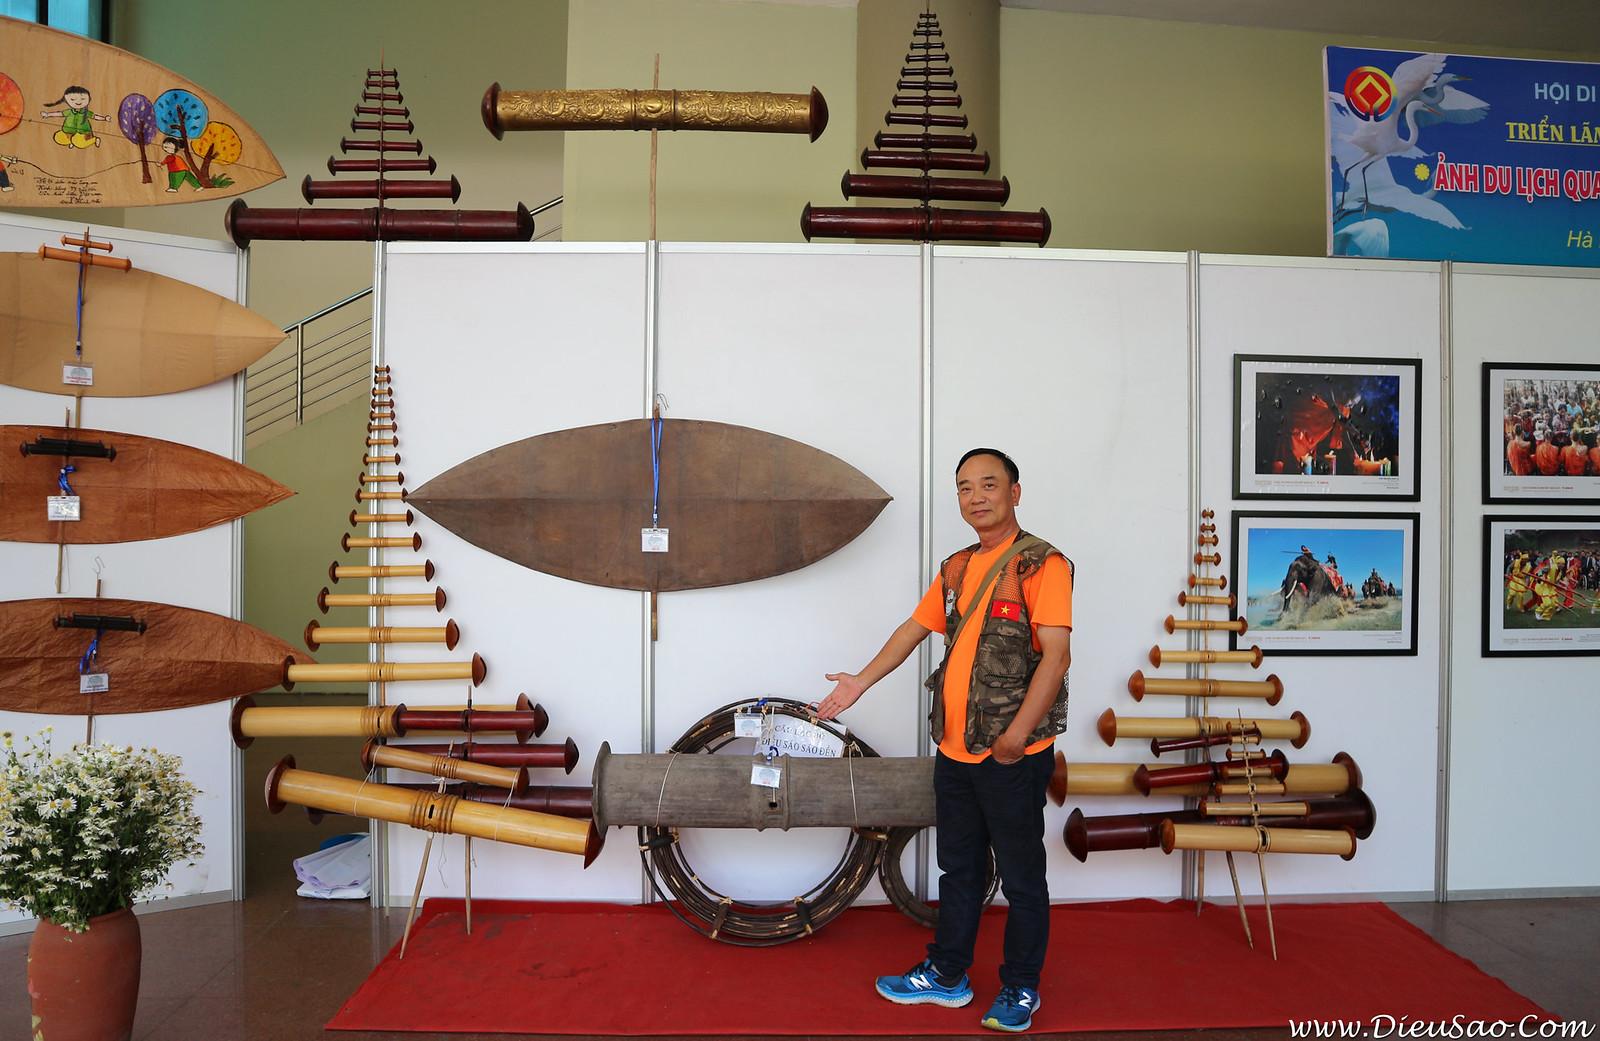 Hoang Van Diep - Giam doc Trung tam Bao ton Van hoa Dieu Viet Nam